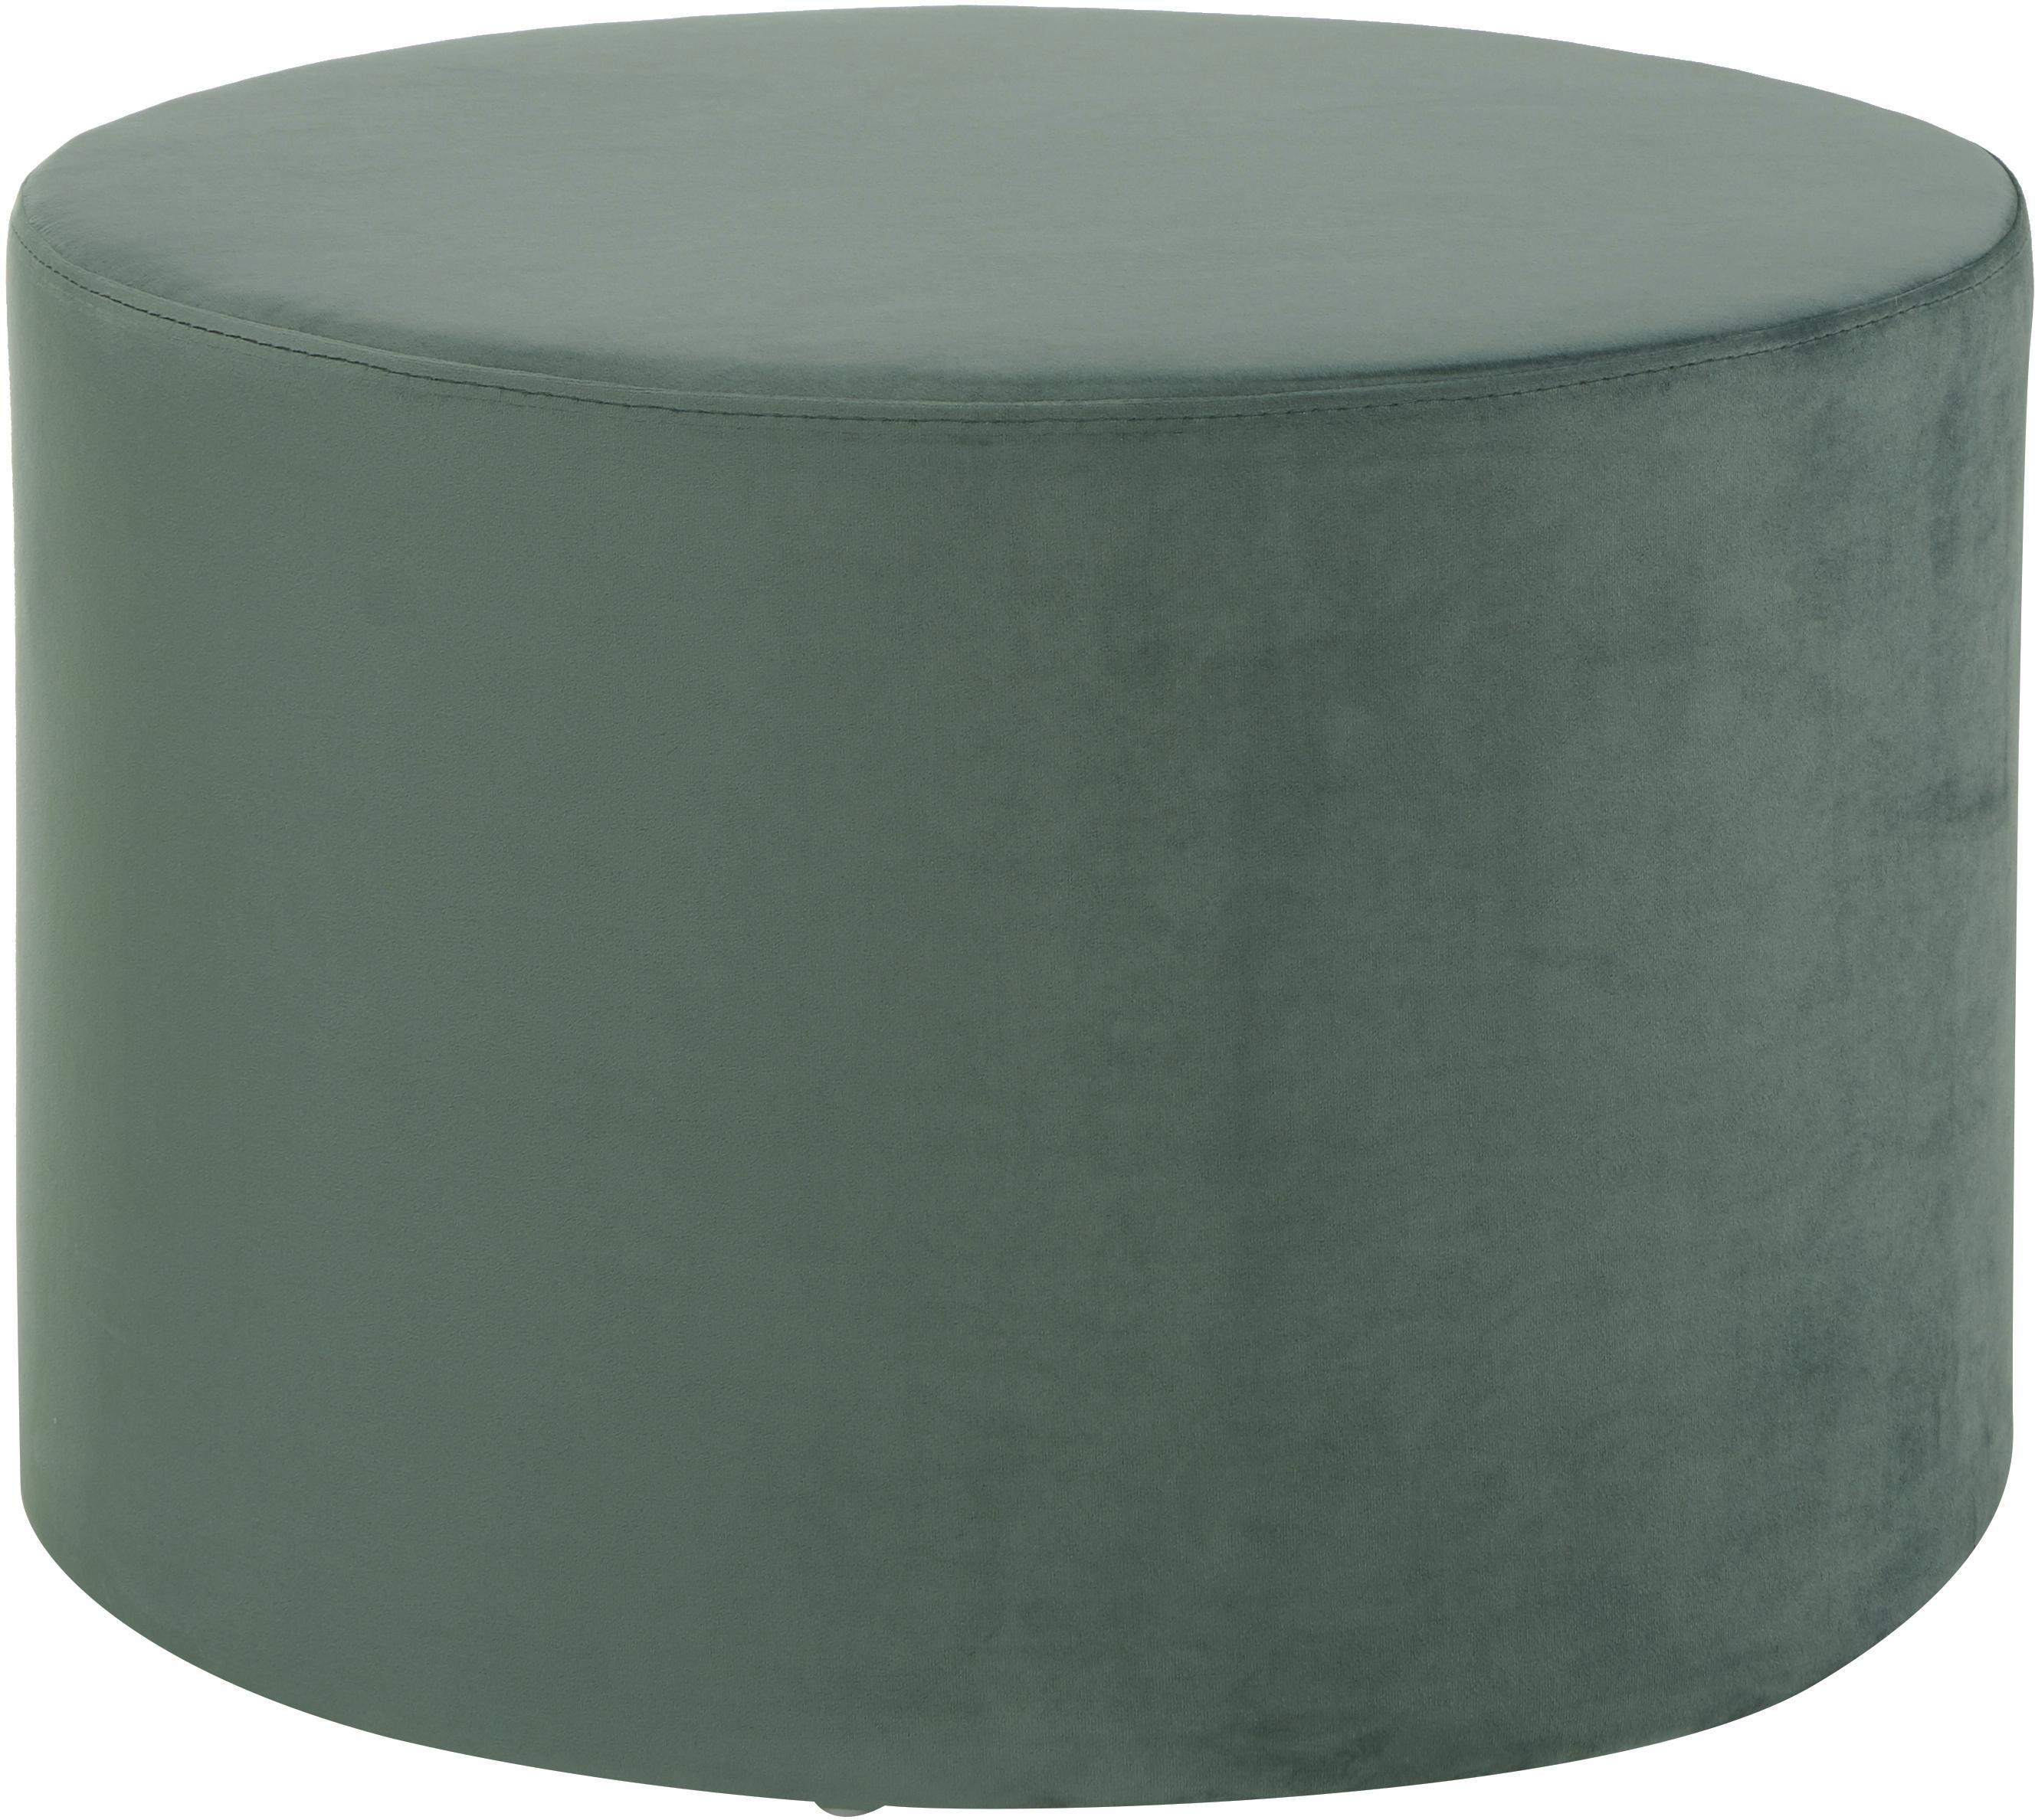 Puf z aksamitu Daisy, Tapicerka: aksamit (poliester) Tkani, Jasny zielony, ∅ 54 x W 40 cm